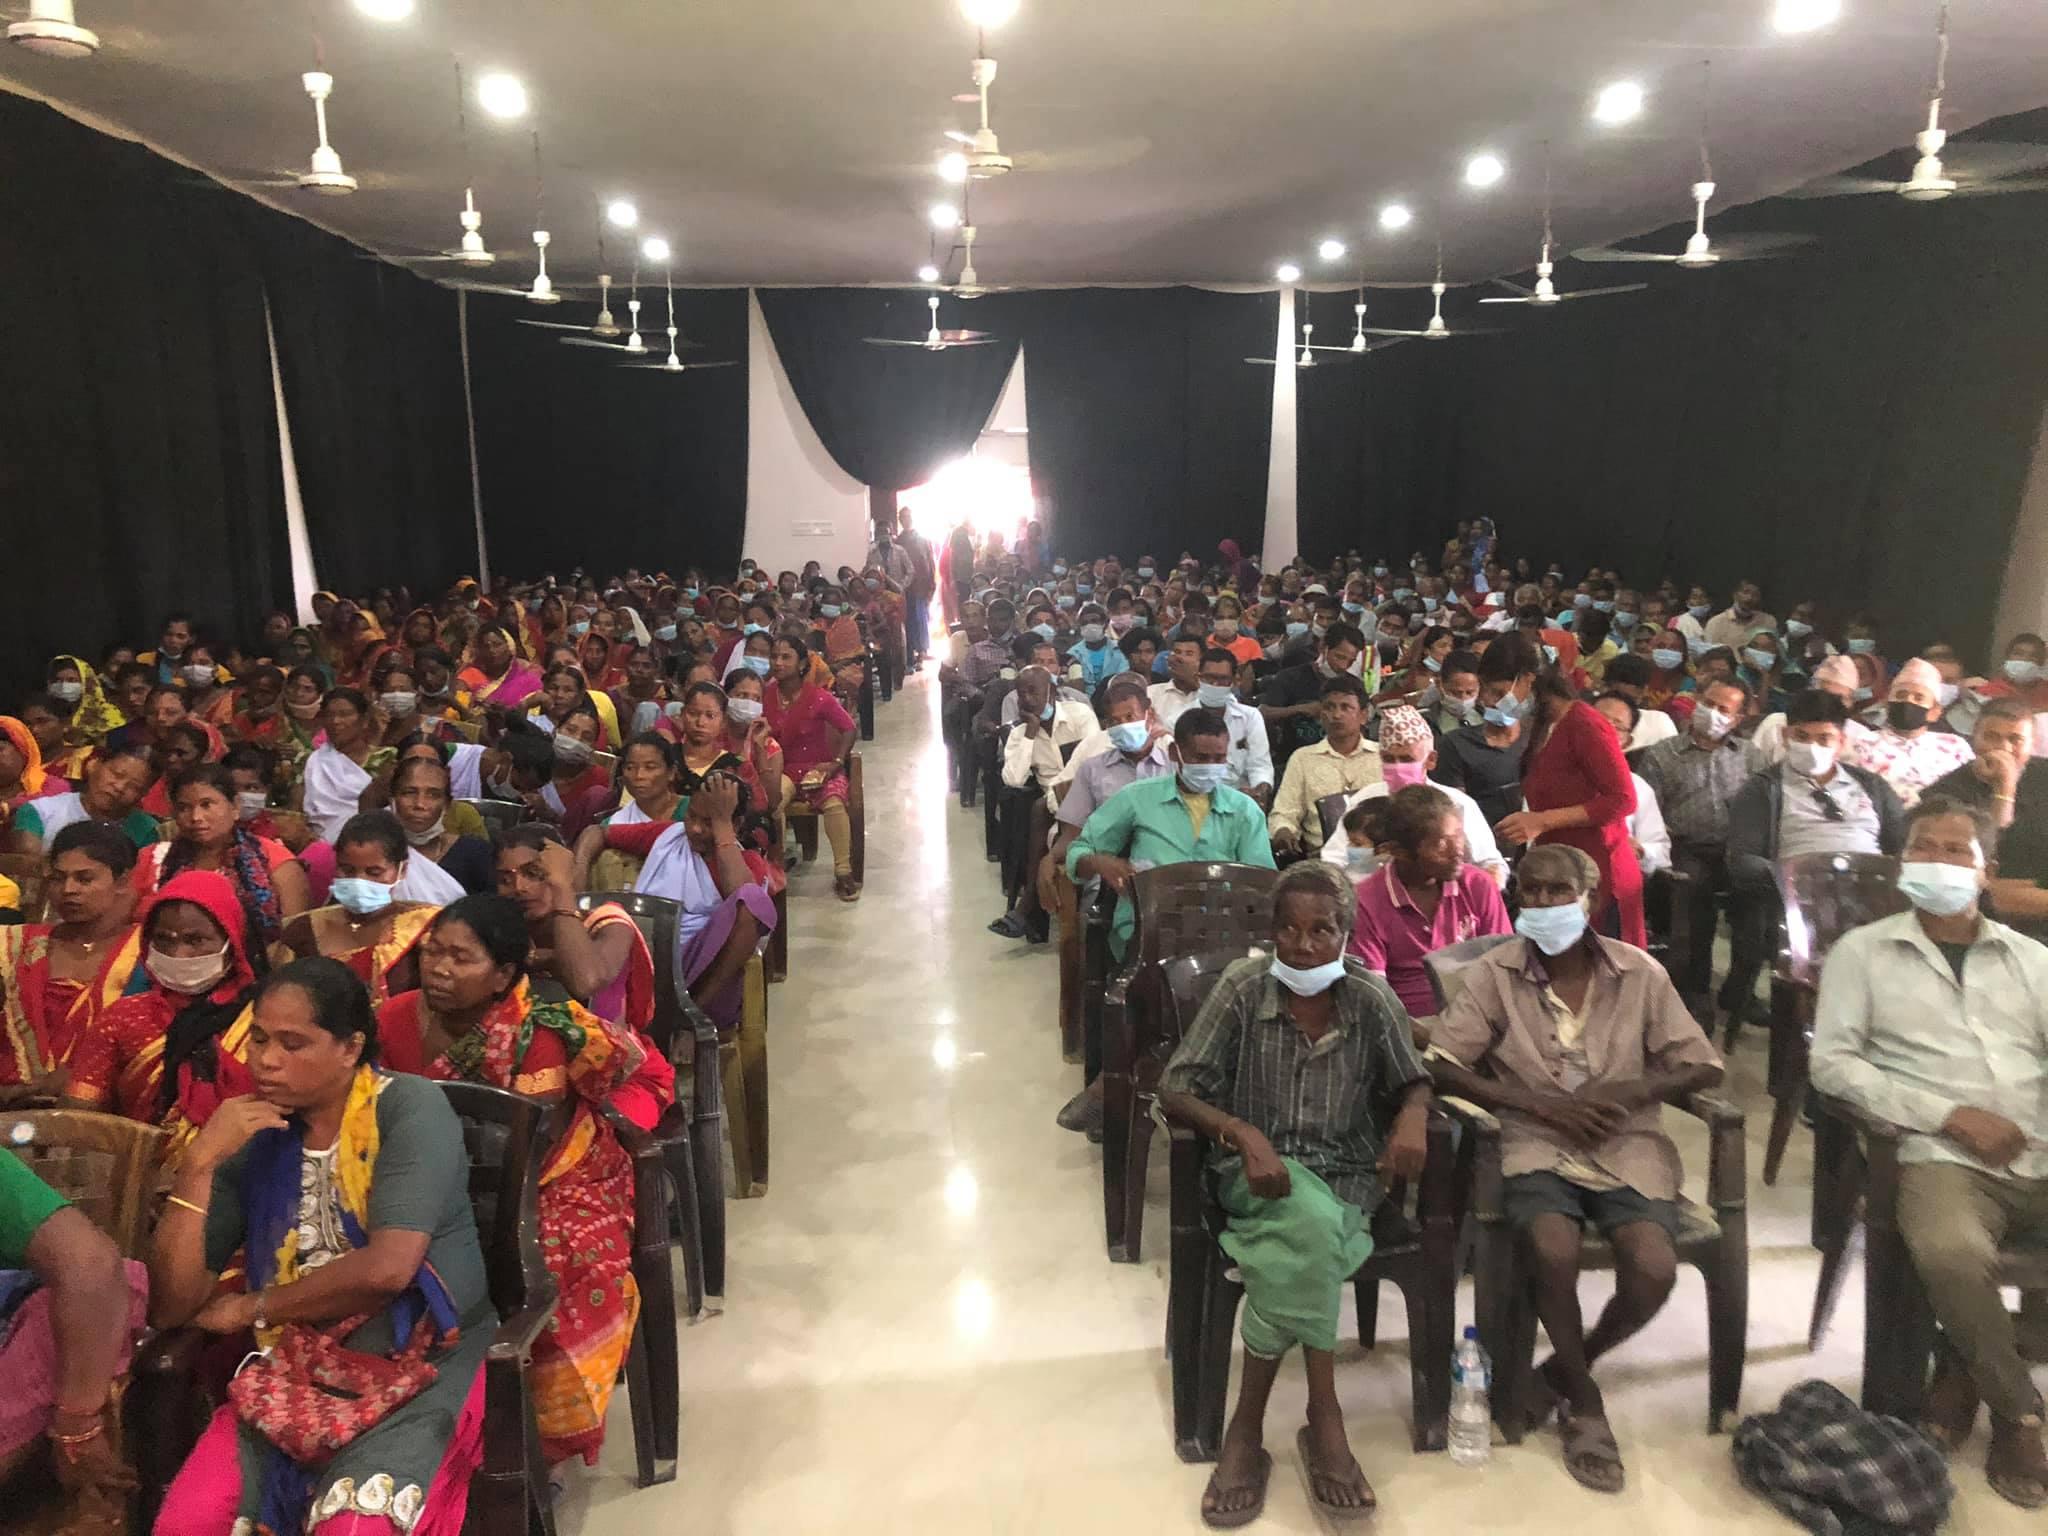 माओवादीले बनायो रमेश भगतको नेतृत्वमा ७५ सदस्यीय ग्रामथान गाउँ कमिटी